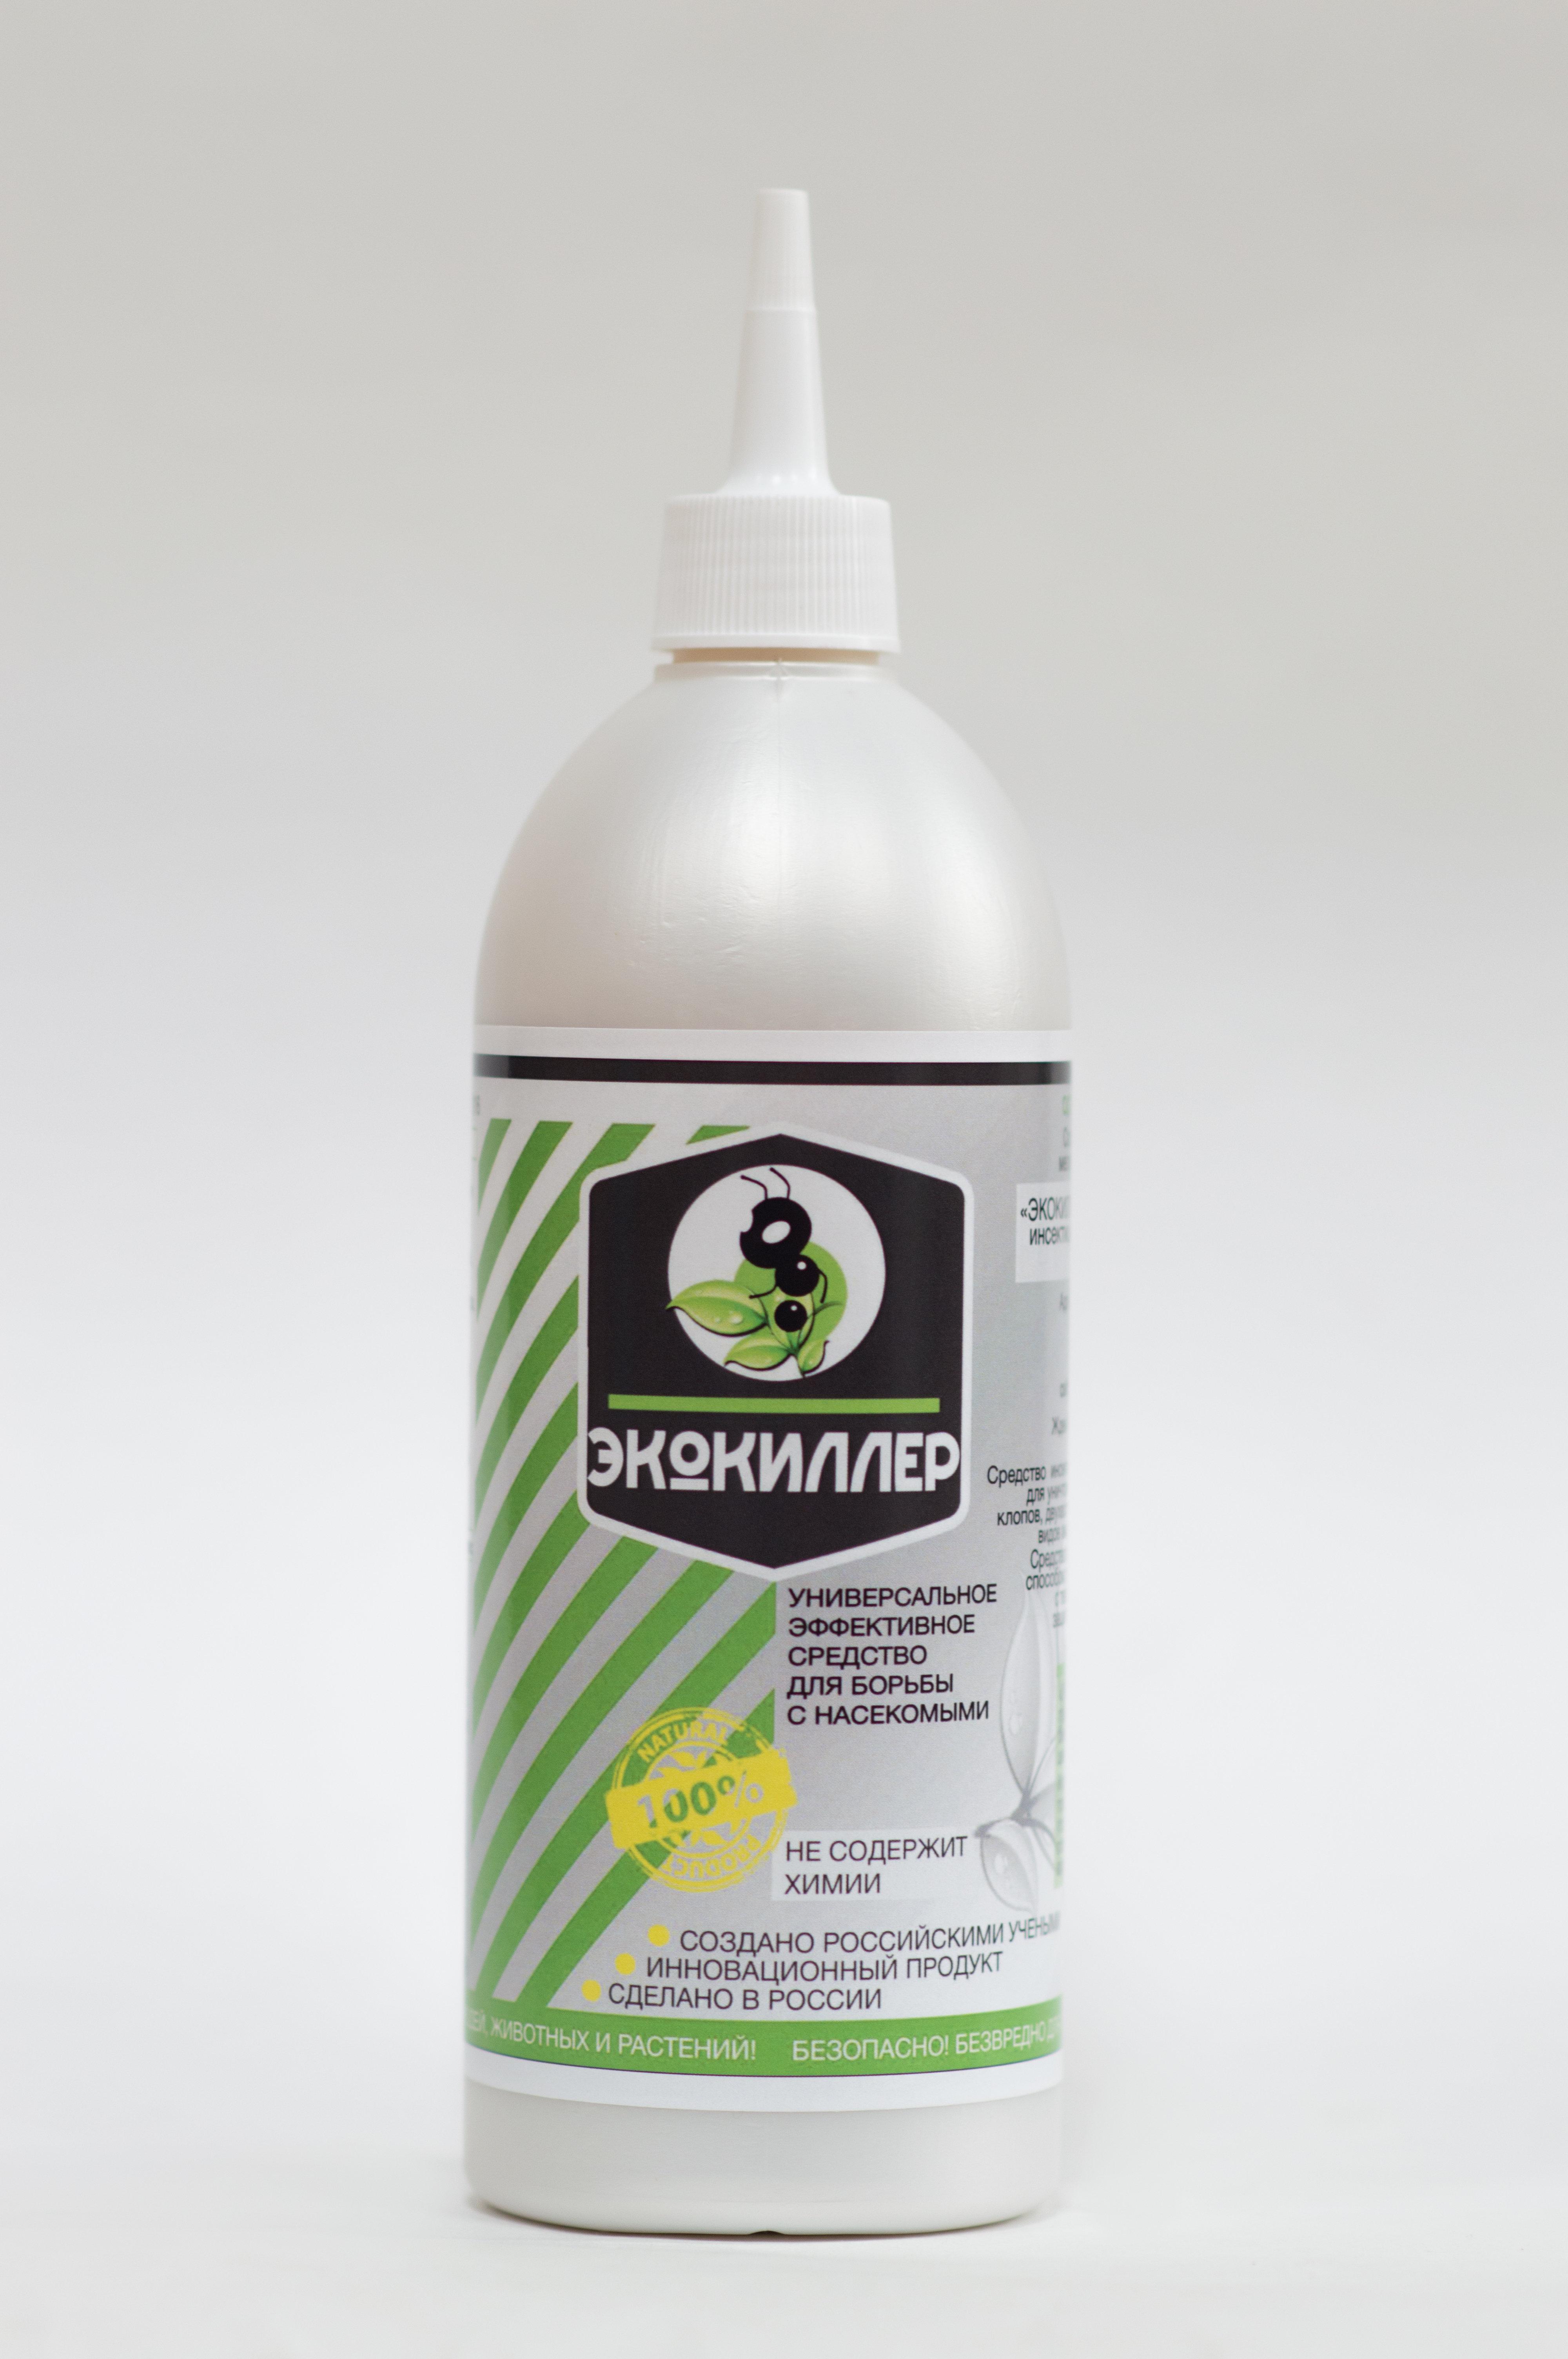 Инсектицидное средство Экокиллер 0.5л (на основе диатомита) от клопов, тараканов и садовых муравьев